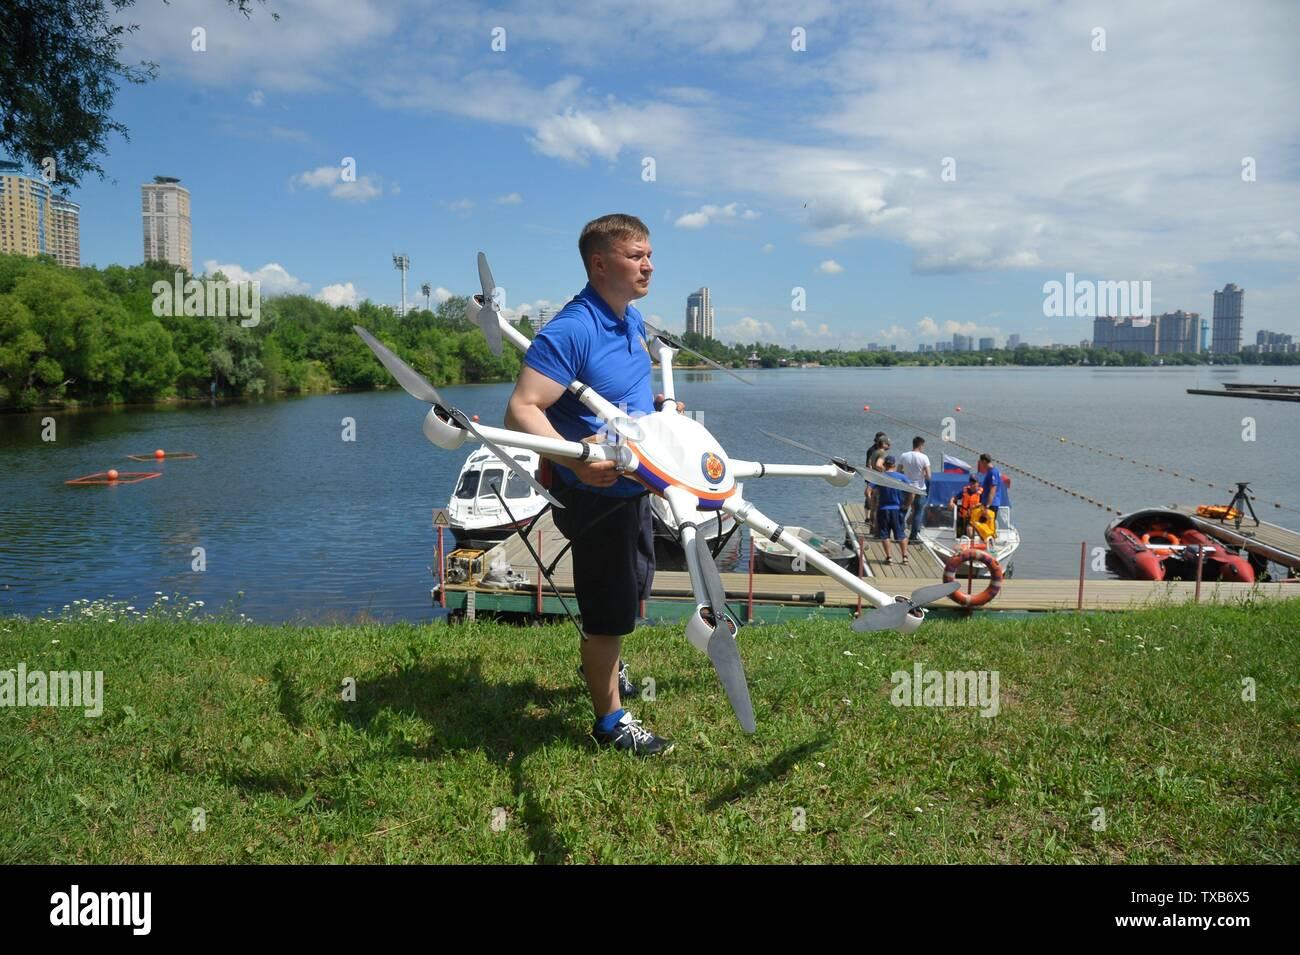 Rusia, Moscú. Cabeza de Serebryany Bor Estación de búsqueda y rescate Yaroslav Chernogorov con un vehículo aéreo no tripulado de la ciudad de Moscú del servicio de búsqueda y salvamento. Imagen De Stock